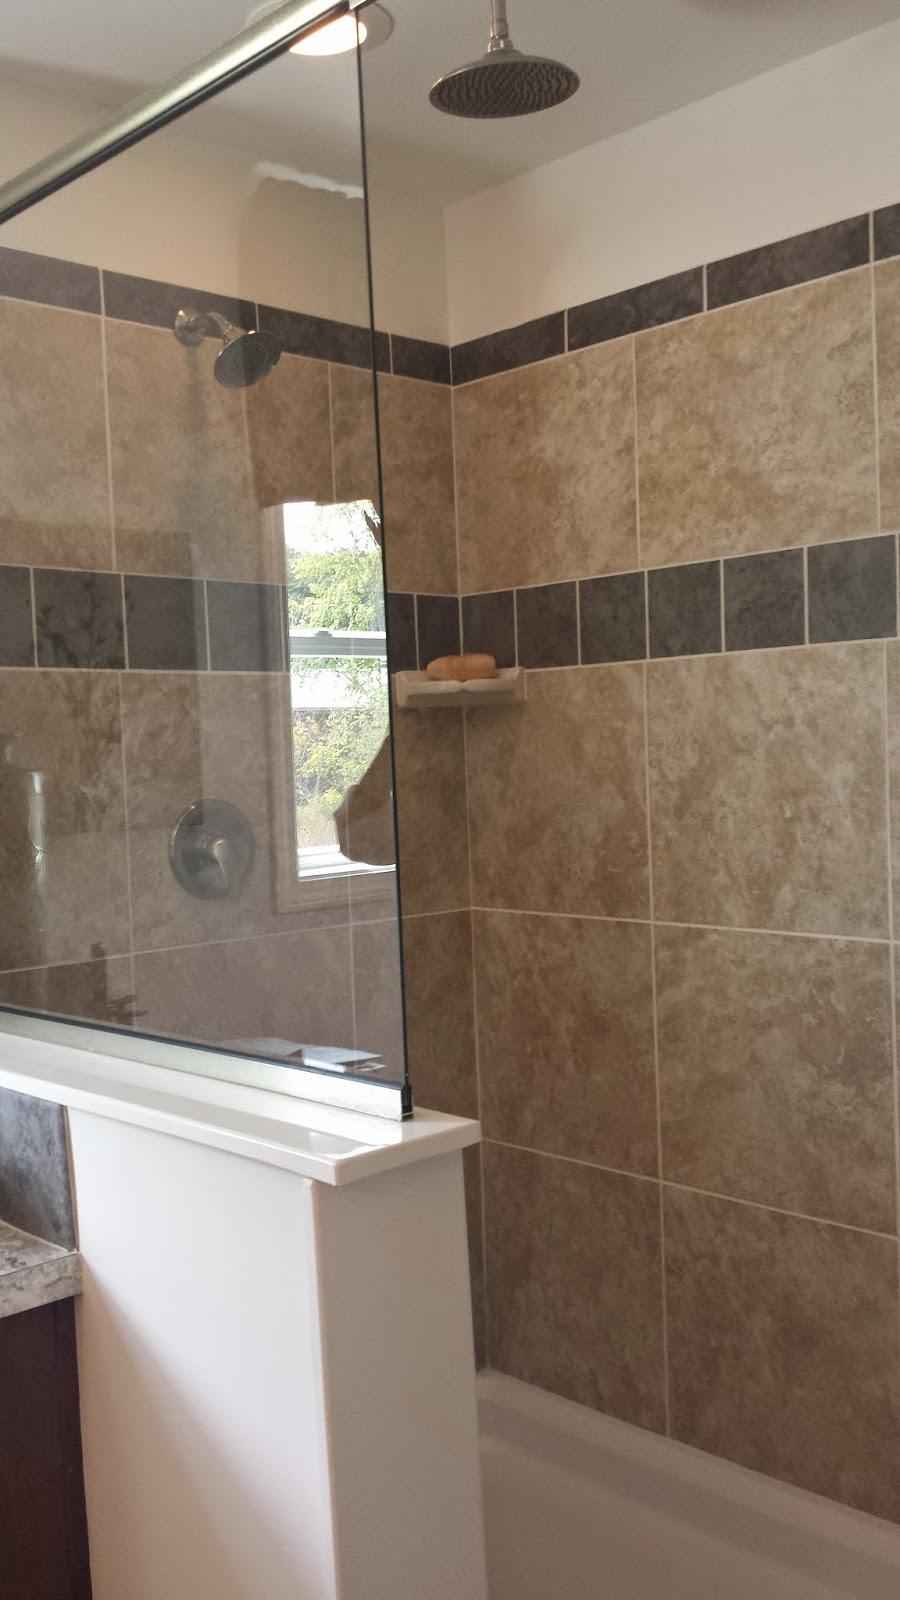 Len Hancock Home Solutions - 4 x 6 tile shower